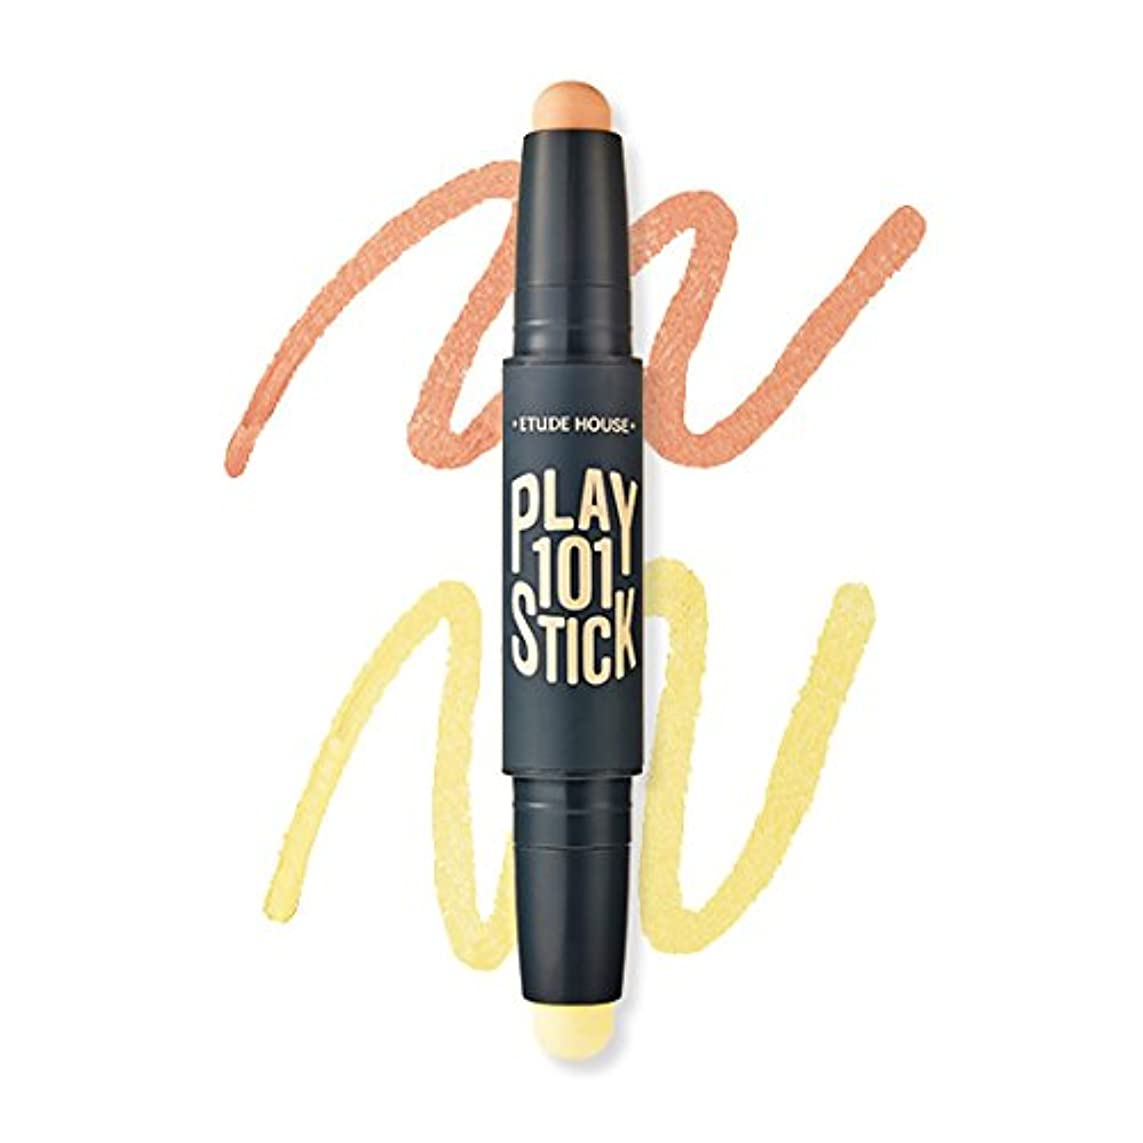 一貫したスマイルデッド[New] ETUDE HOUSE Play 101 Stick Color Contour Duo/エチュードハウス プレイ 101 スティック カラー コンツアー デュオ (#01 Blue Out:Peach Orange...